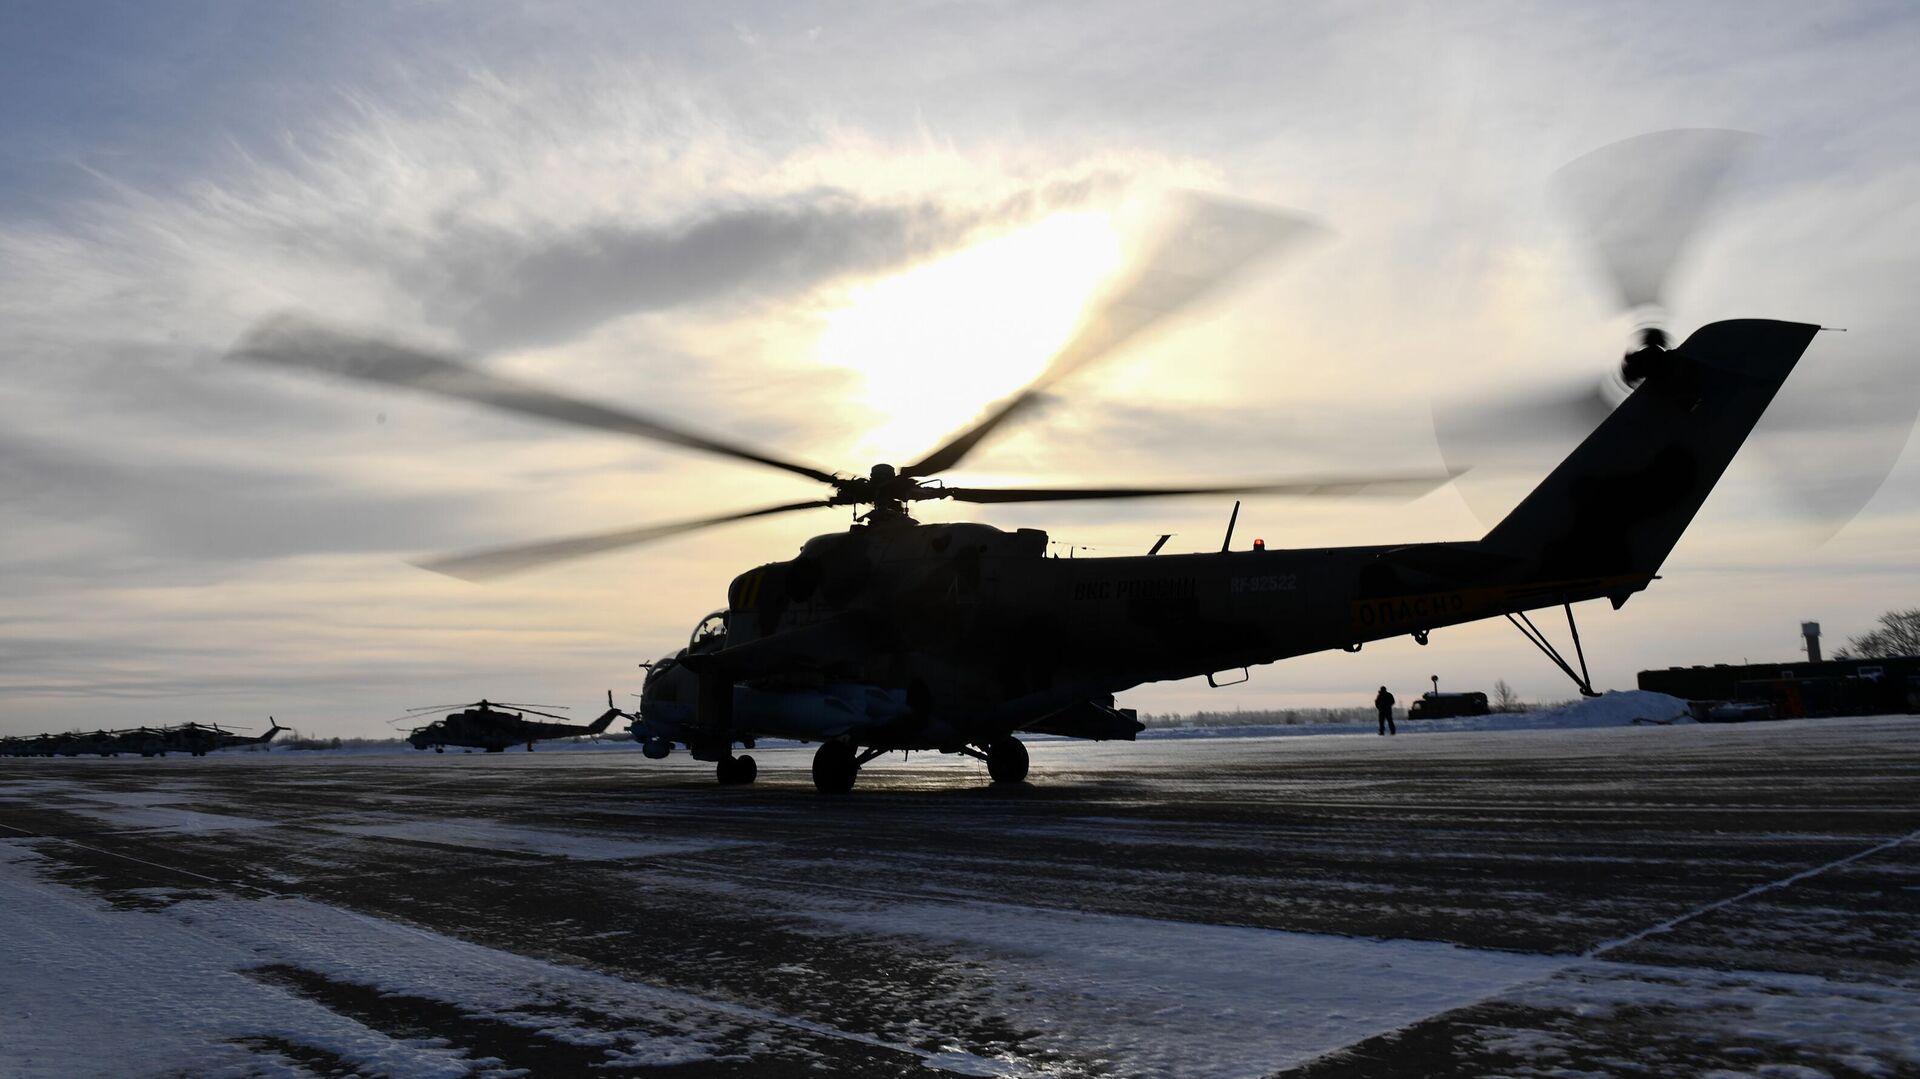 Тренировочные полеты на вертолетах летчиков ЦВО - РИА Новости, 1920, 30.04.2021